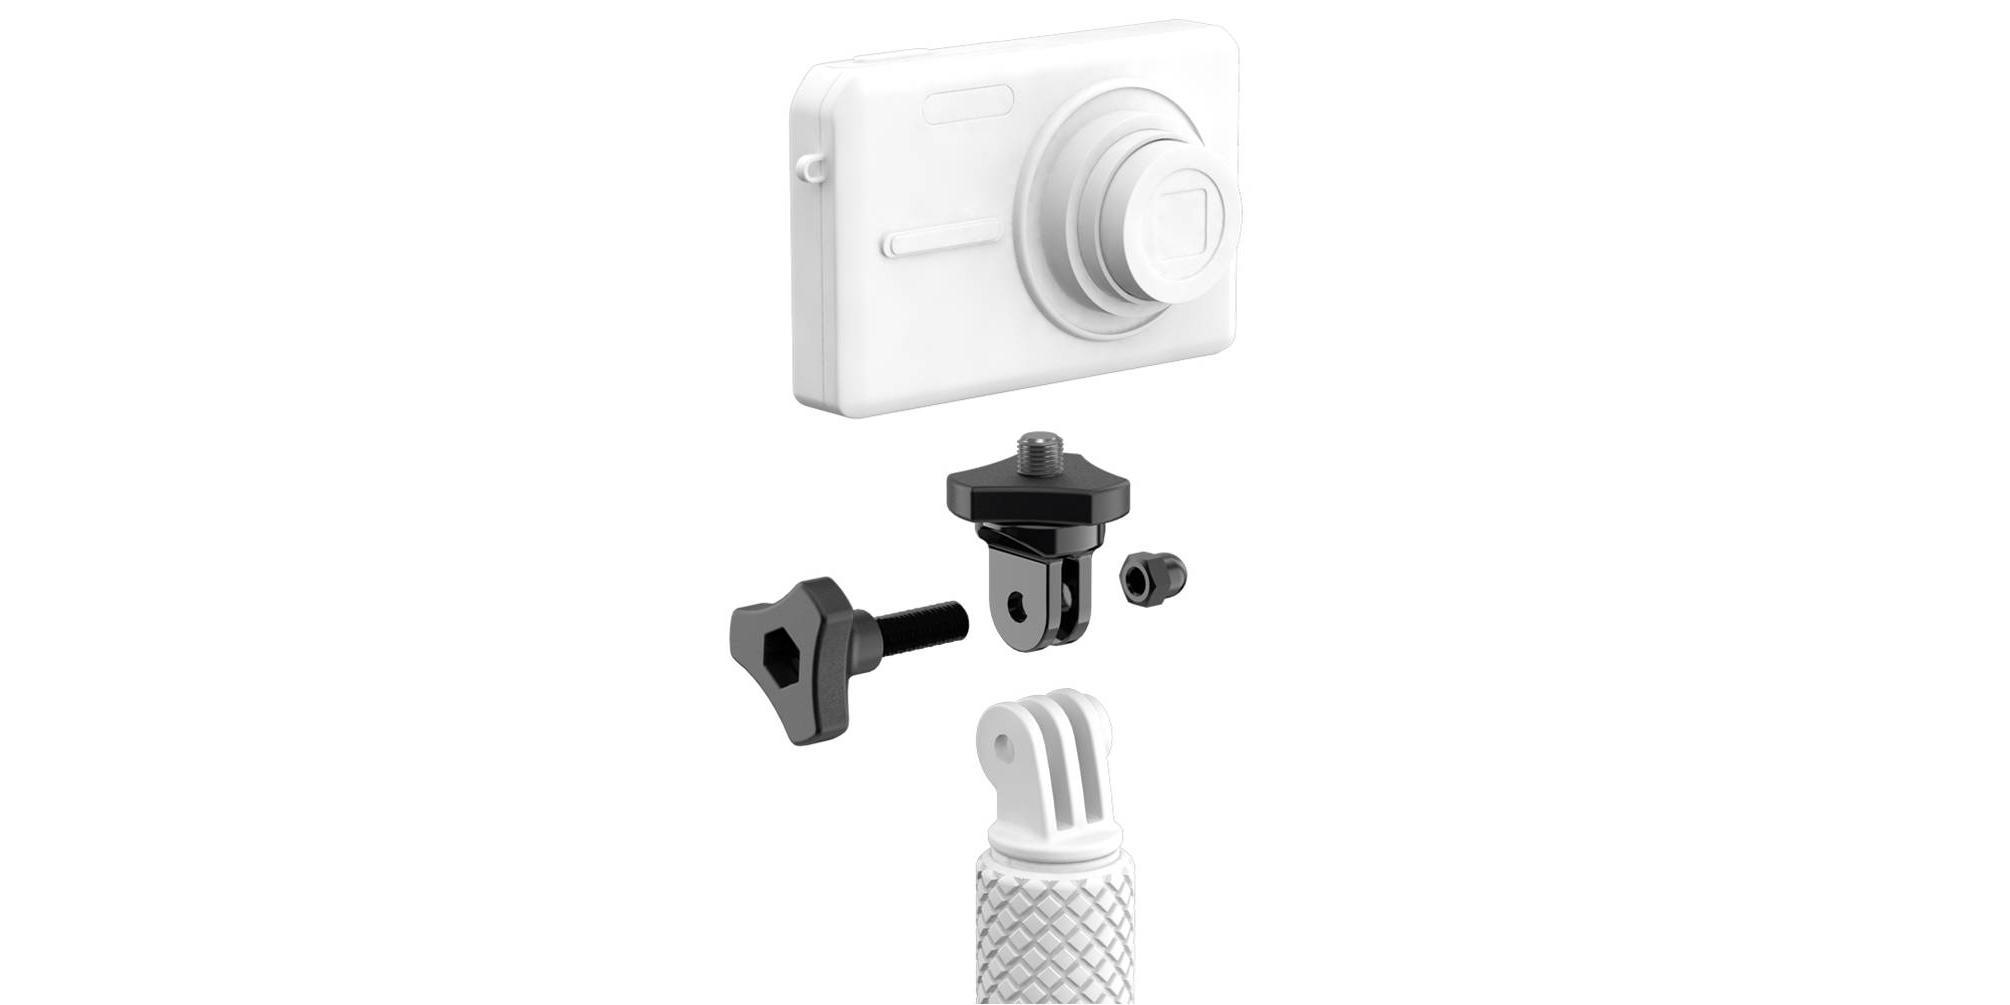 Крепление SP Tripod Screw Adapter крепление к моноподу + камера